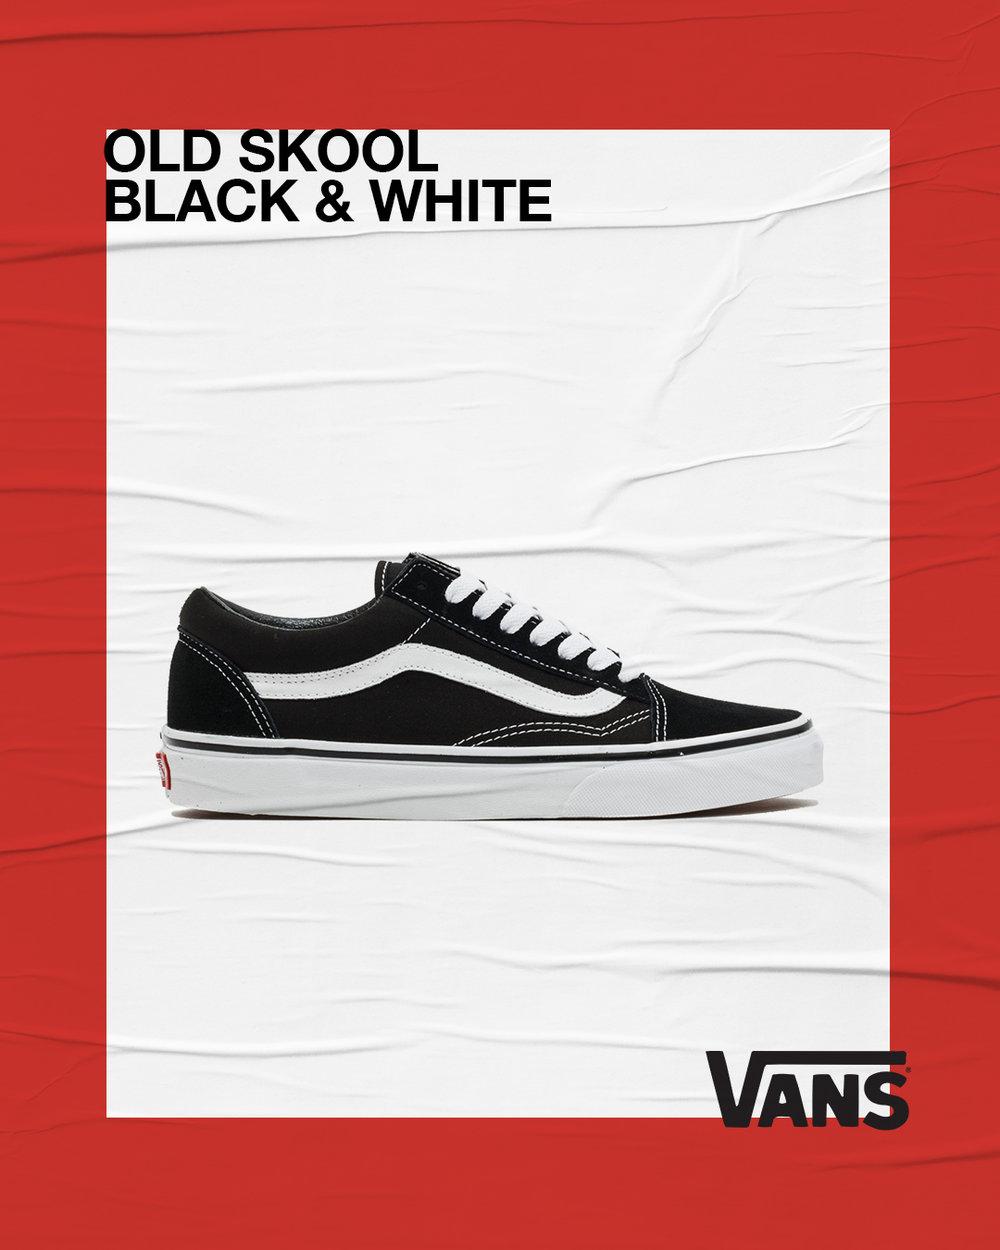 Vans_Black and white.jpg